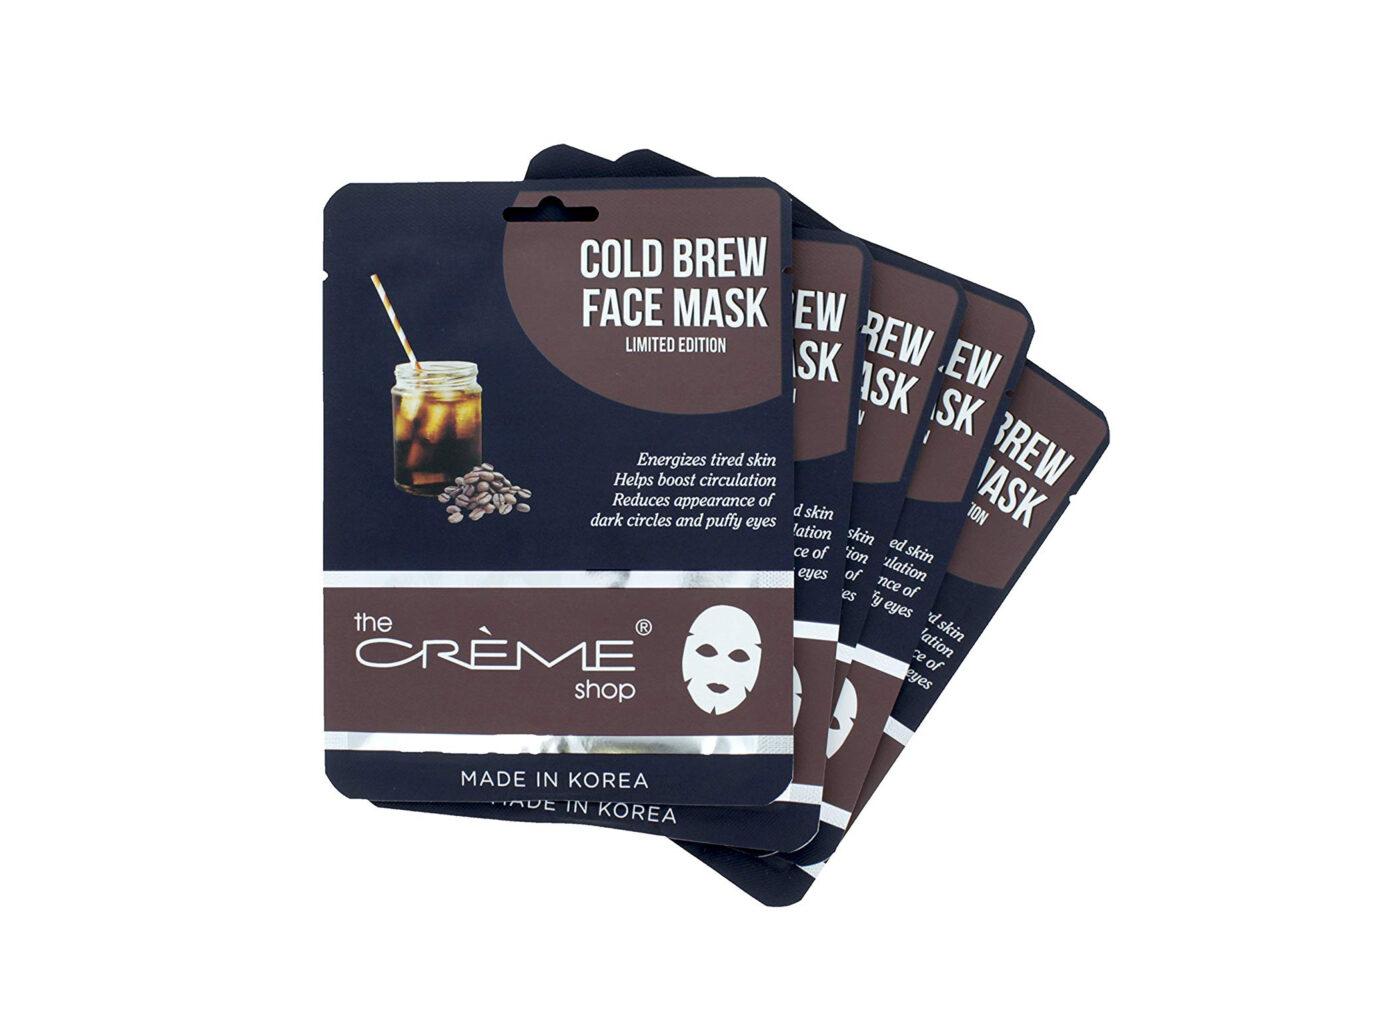 The Crème Shop Cold Brew Face Mask 5 Piece Set